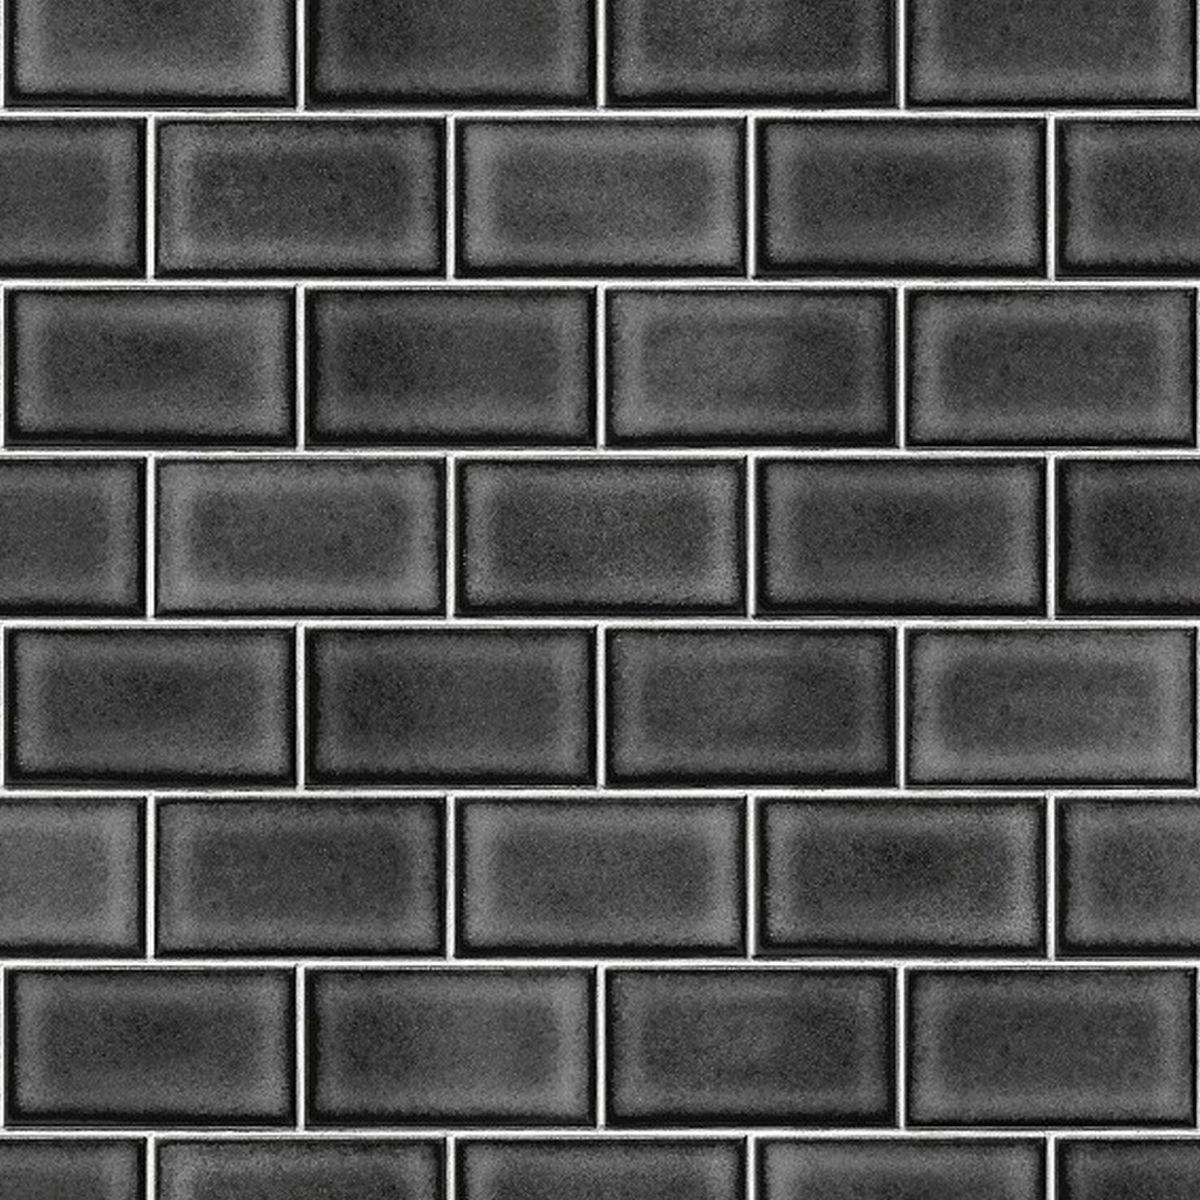 DesignID Vliestapete Erstklassige Vliestapete BA220108 Schwarz Steintapete